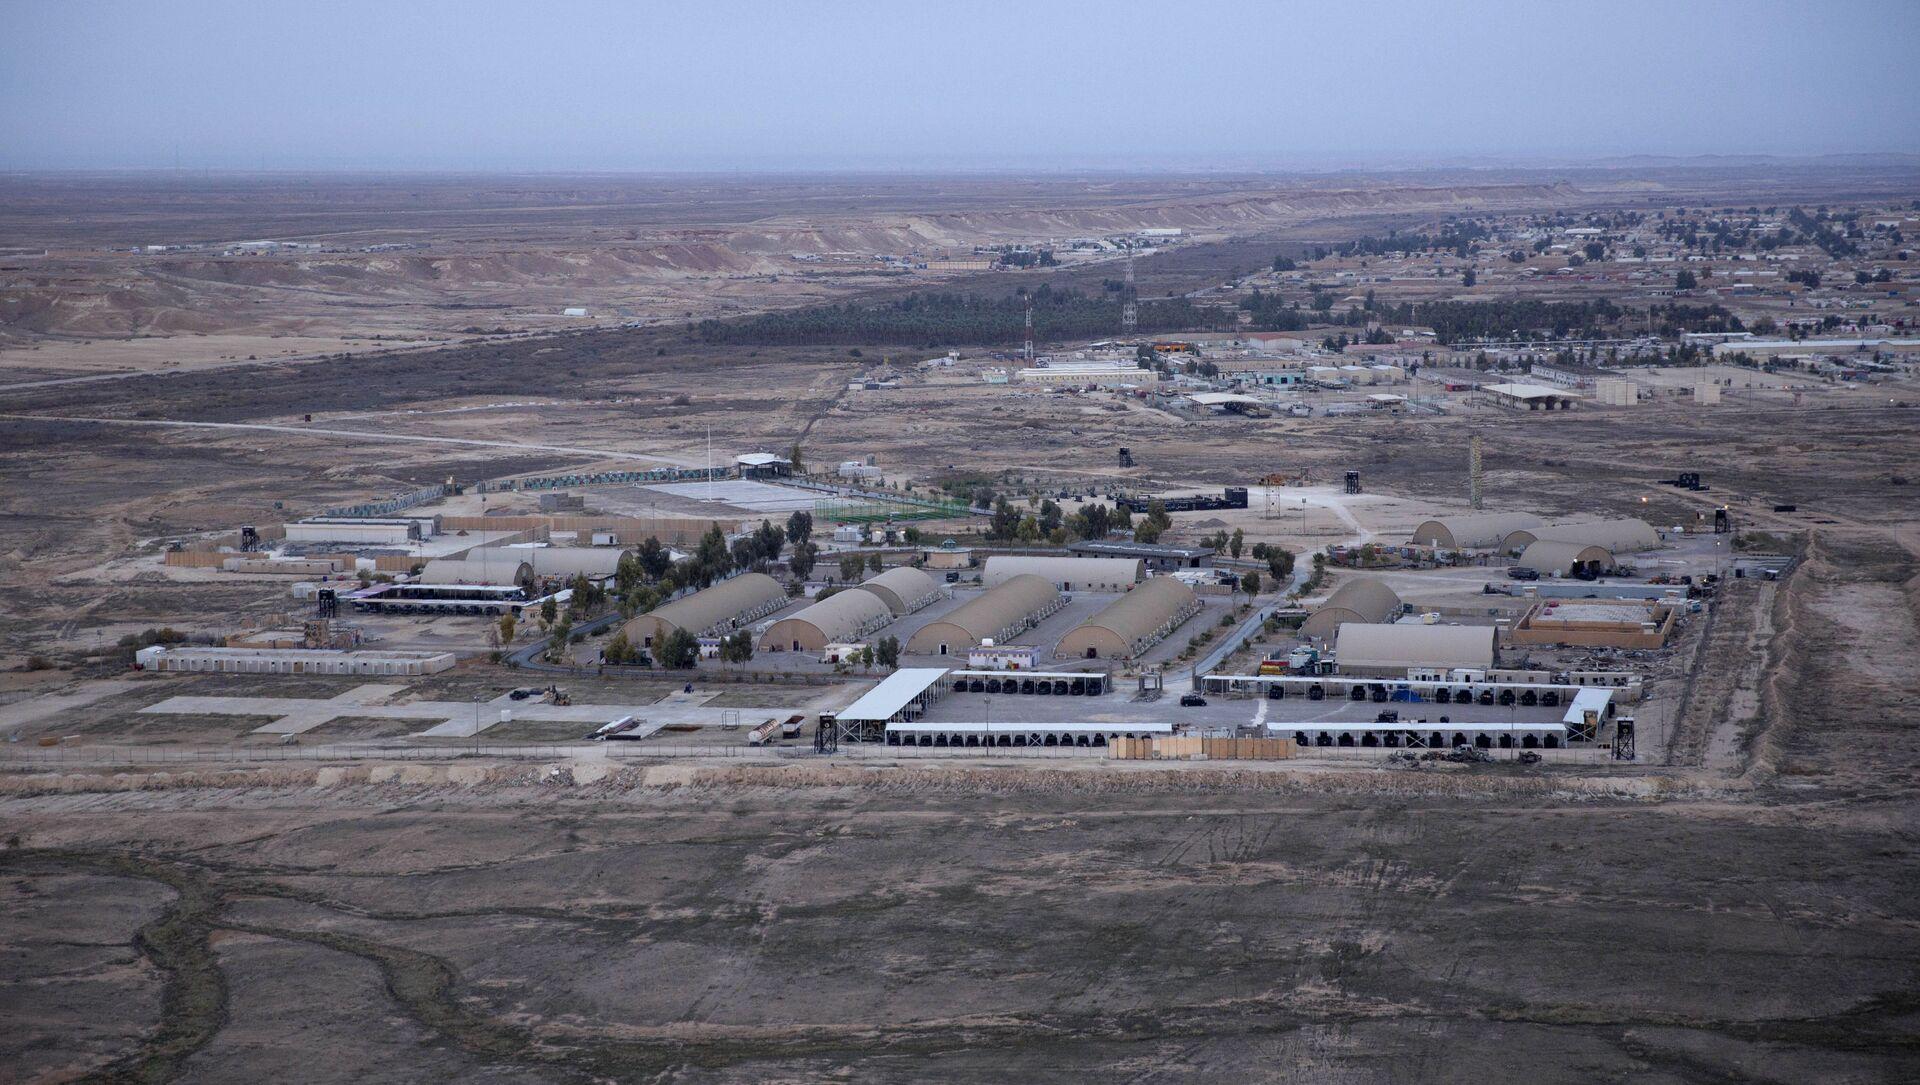 Foto aerea scattata da un elicottero della base aerea di Ayn al Asad nel deserto occidentale di Anbar, in Iraq, dicembre 2019. - Sputnik Italia, 1920, 08.05.2021